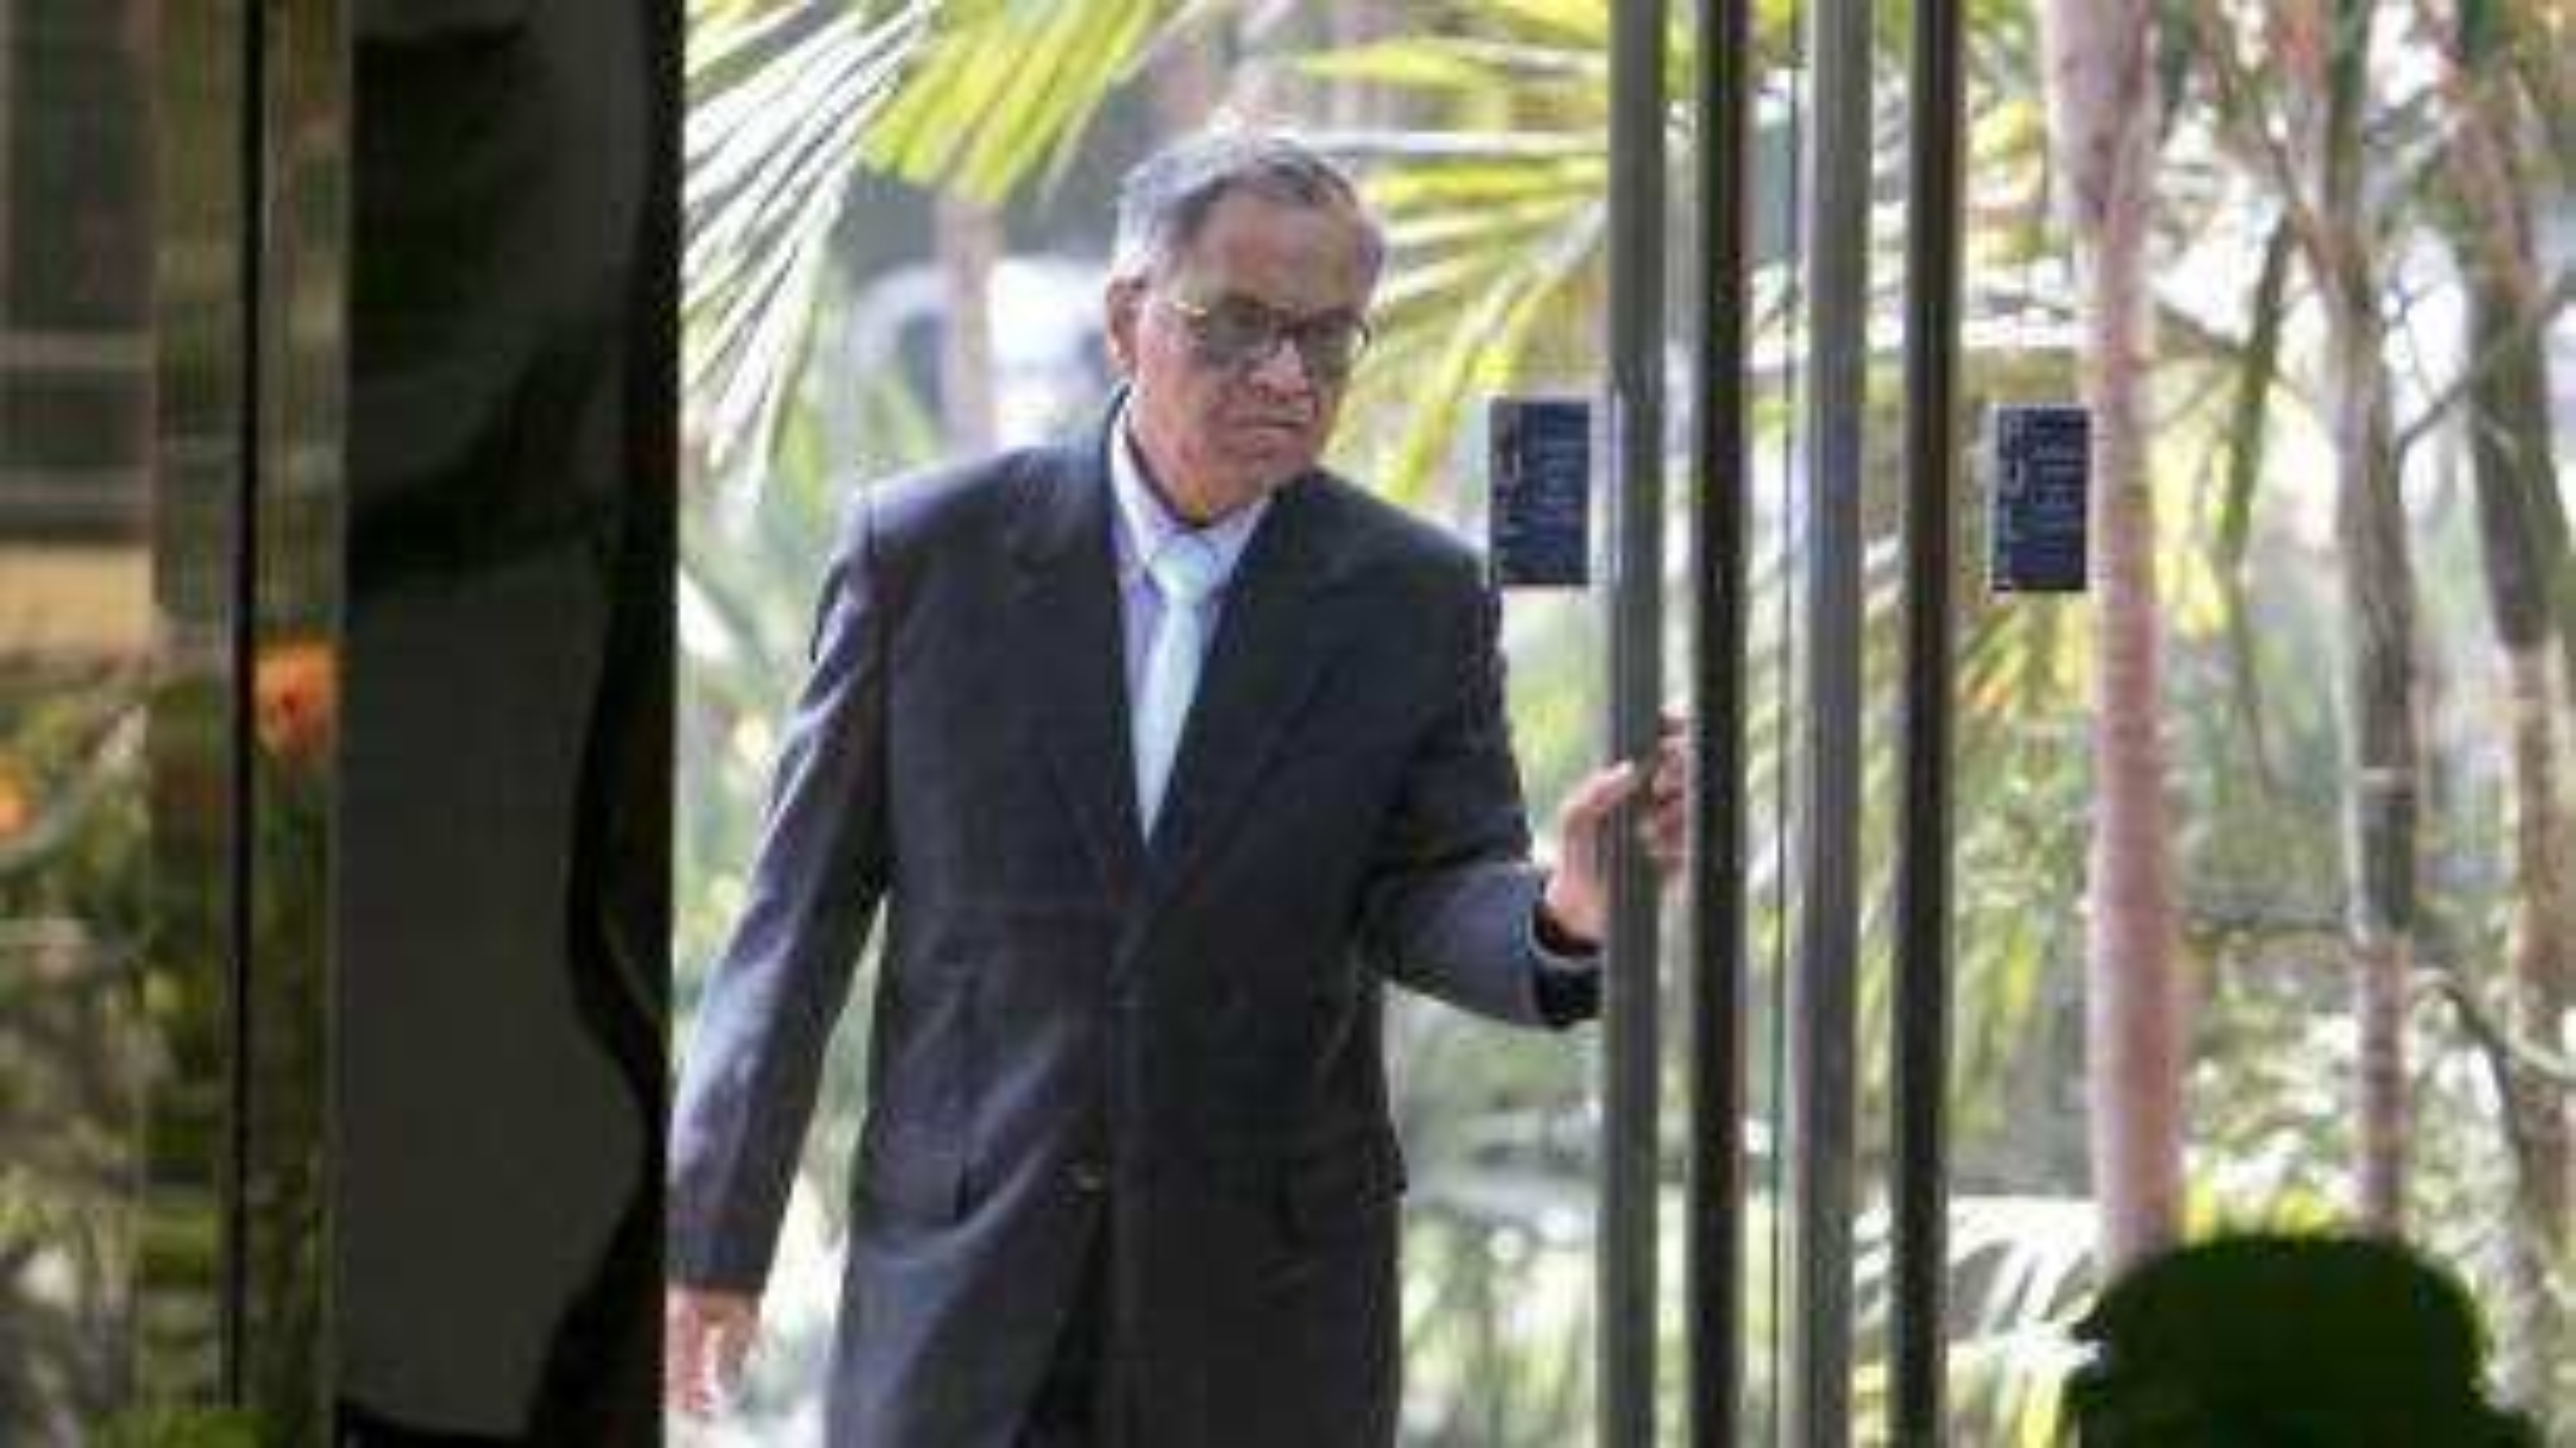 Infosys Technologies Ltd. Chairman N.R. Narayana Murthy